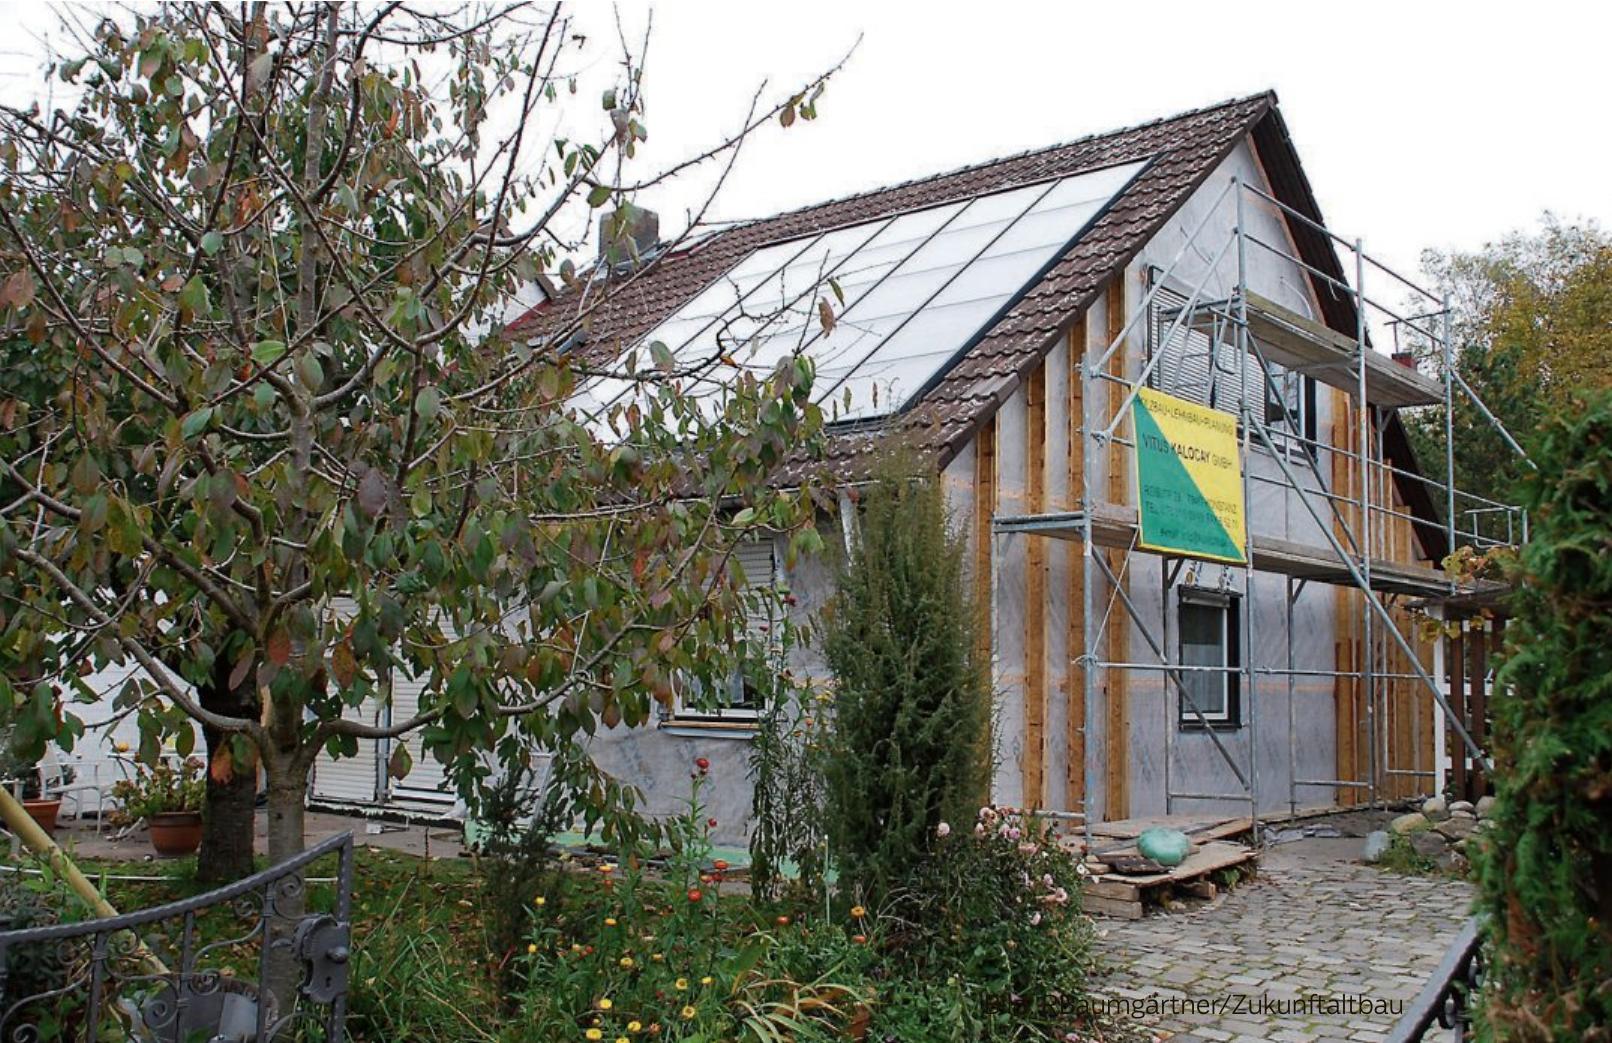 Eine umfassende Sanierung lohnt sich: Der Wohnkomfort steigt, der Wert des Hauses ist gesichert und das Klima wird geschützt. Bild: RBaumgärtner/Zukunftaltbau